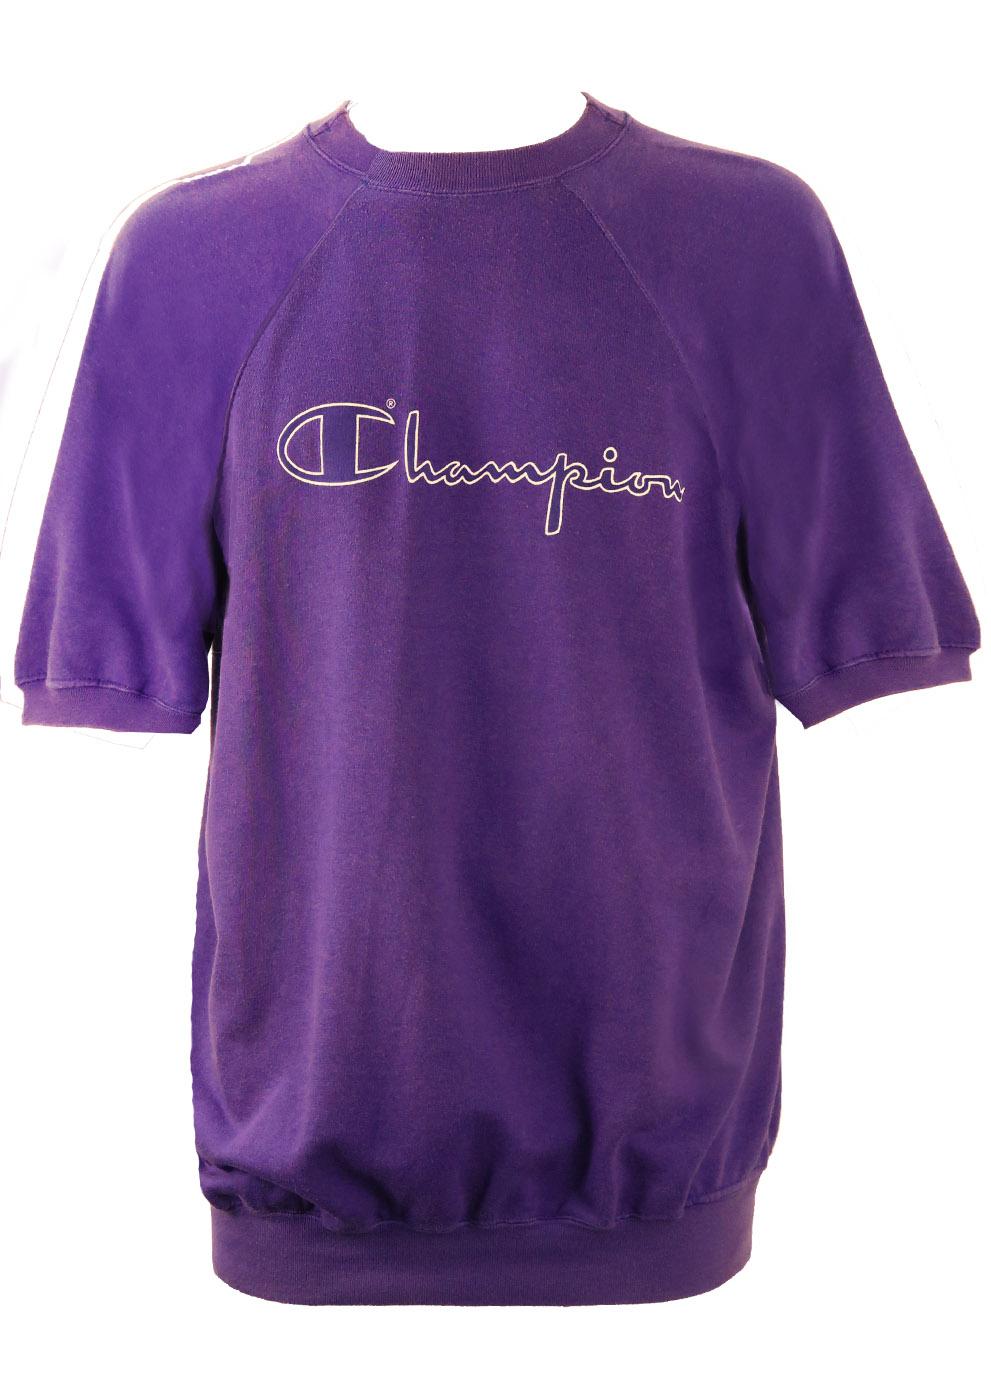 3f6d631d Vintage Champion Purple Short Sleeved Sweatshirt – L/XL – Reign Vintage